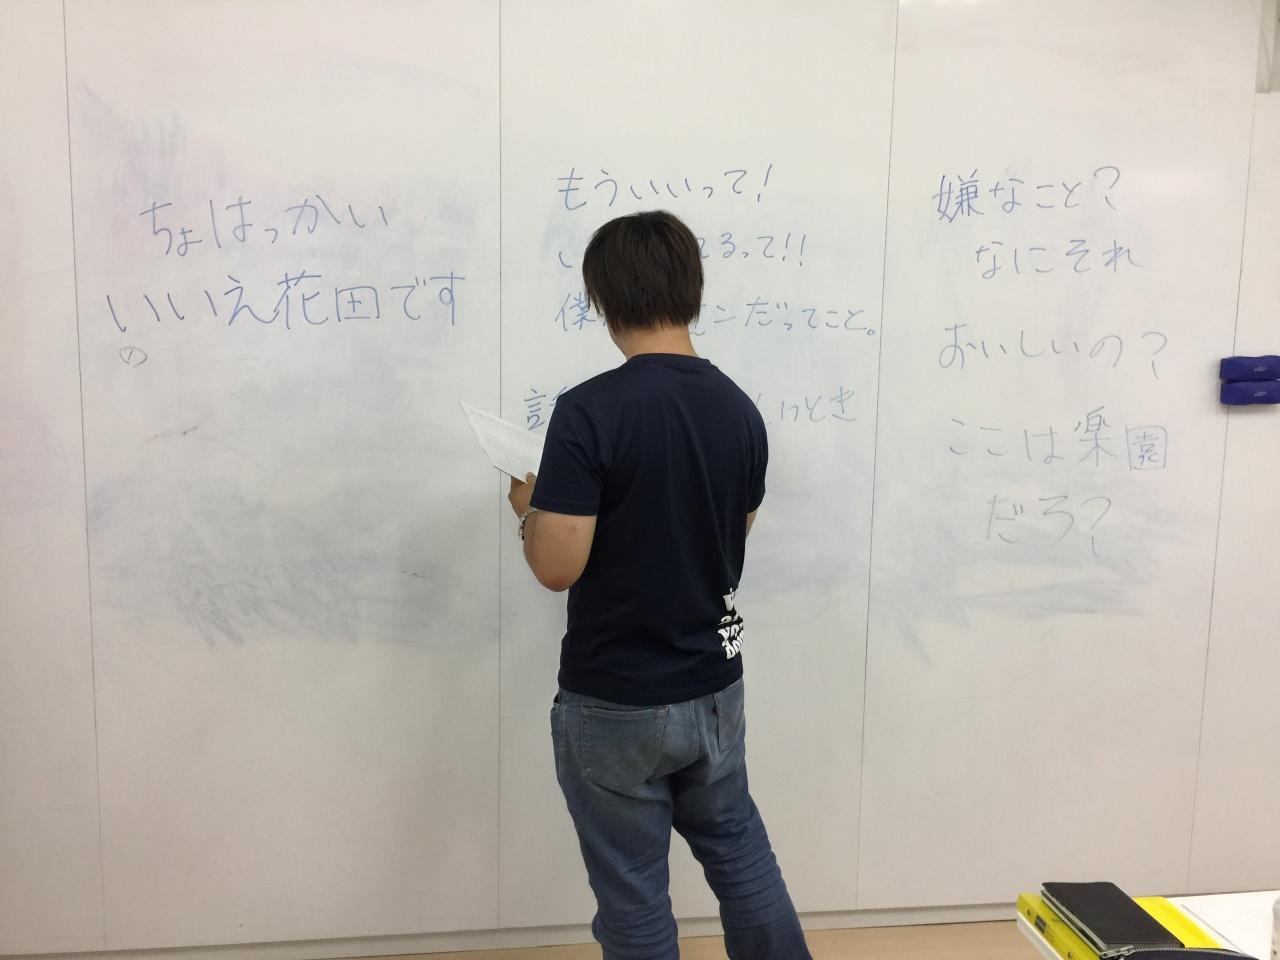 講義:京都産業大学 コーオプ教育 キャッチコピーをつくろうワークショップ